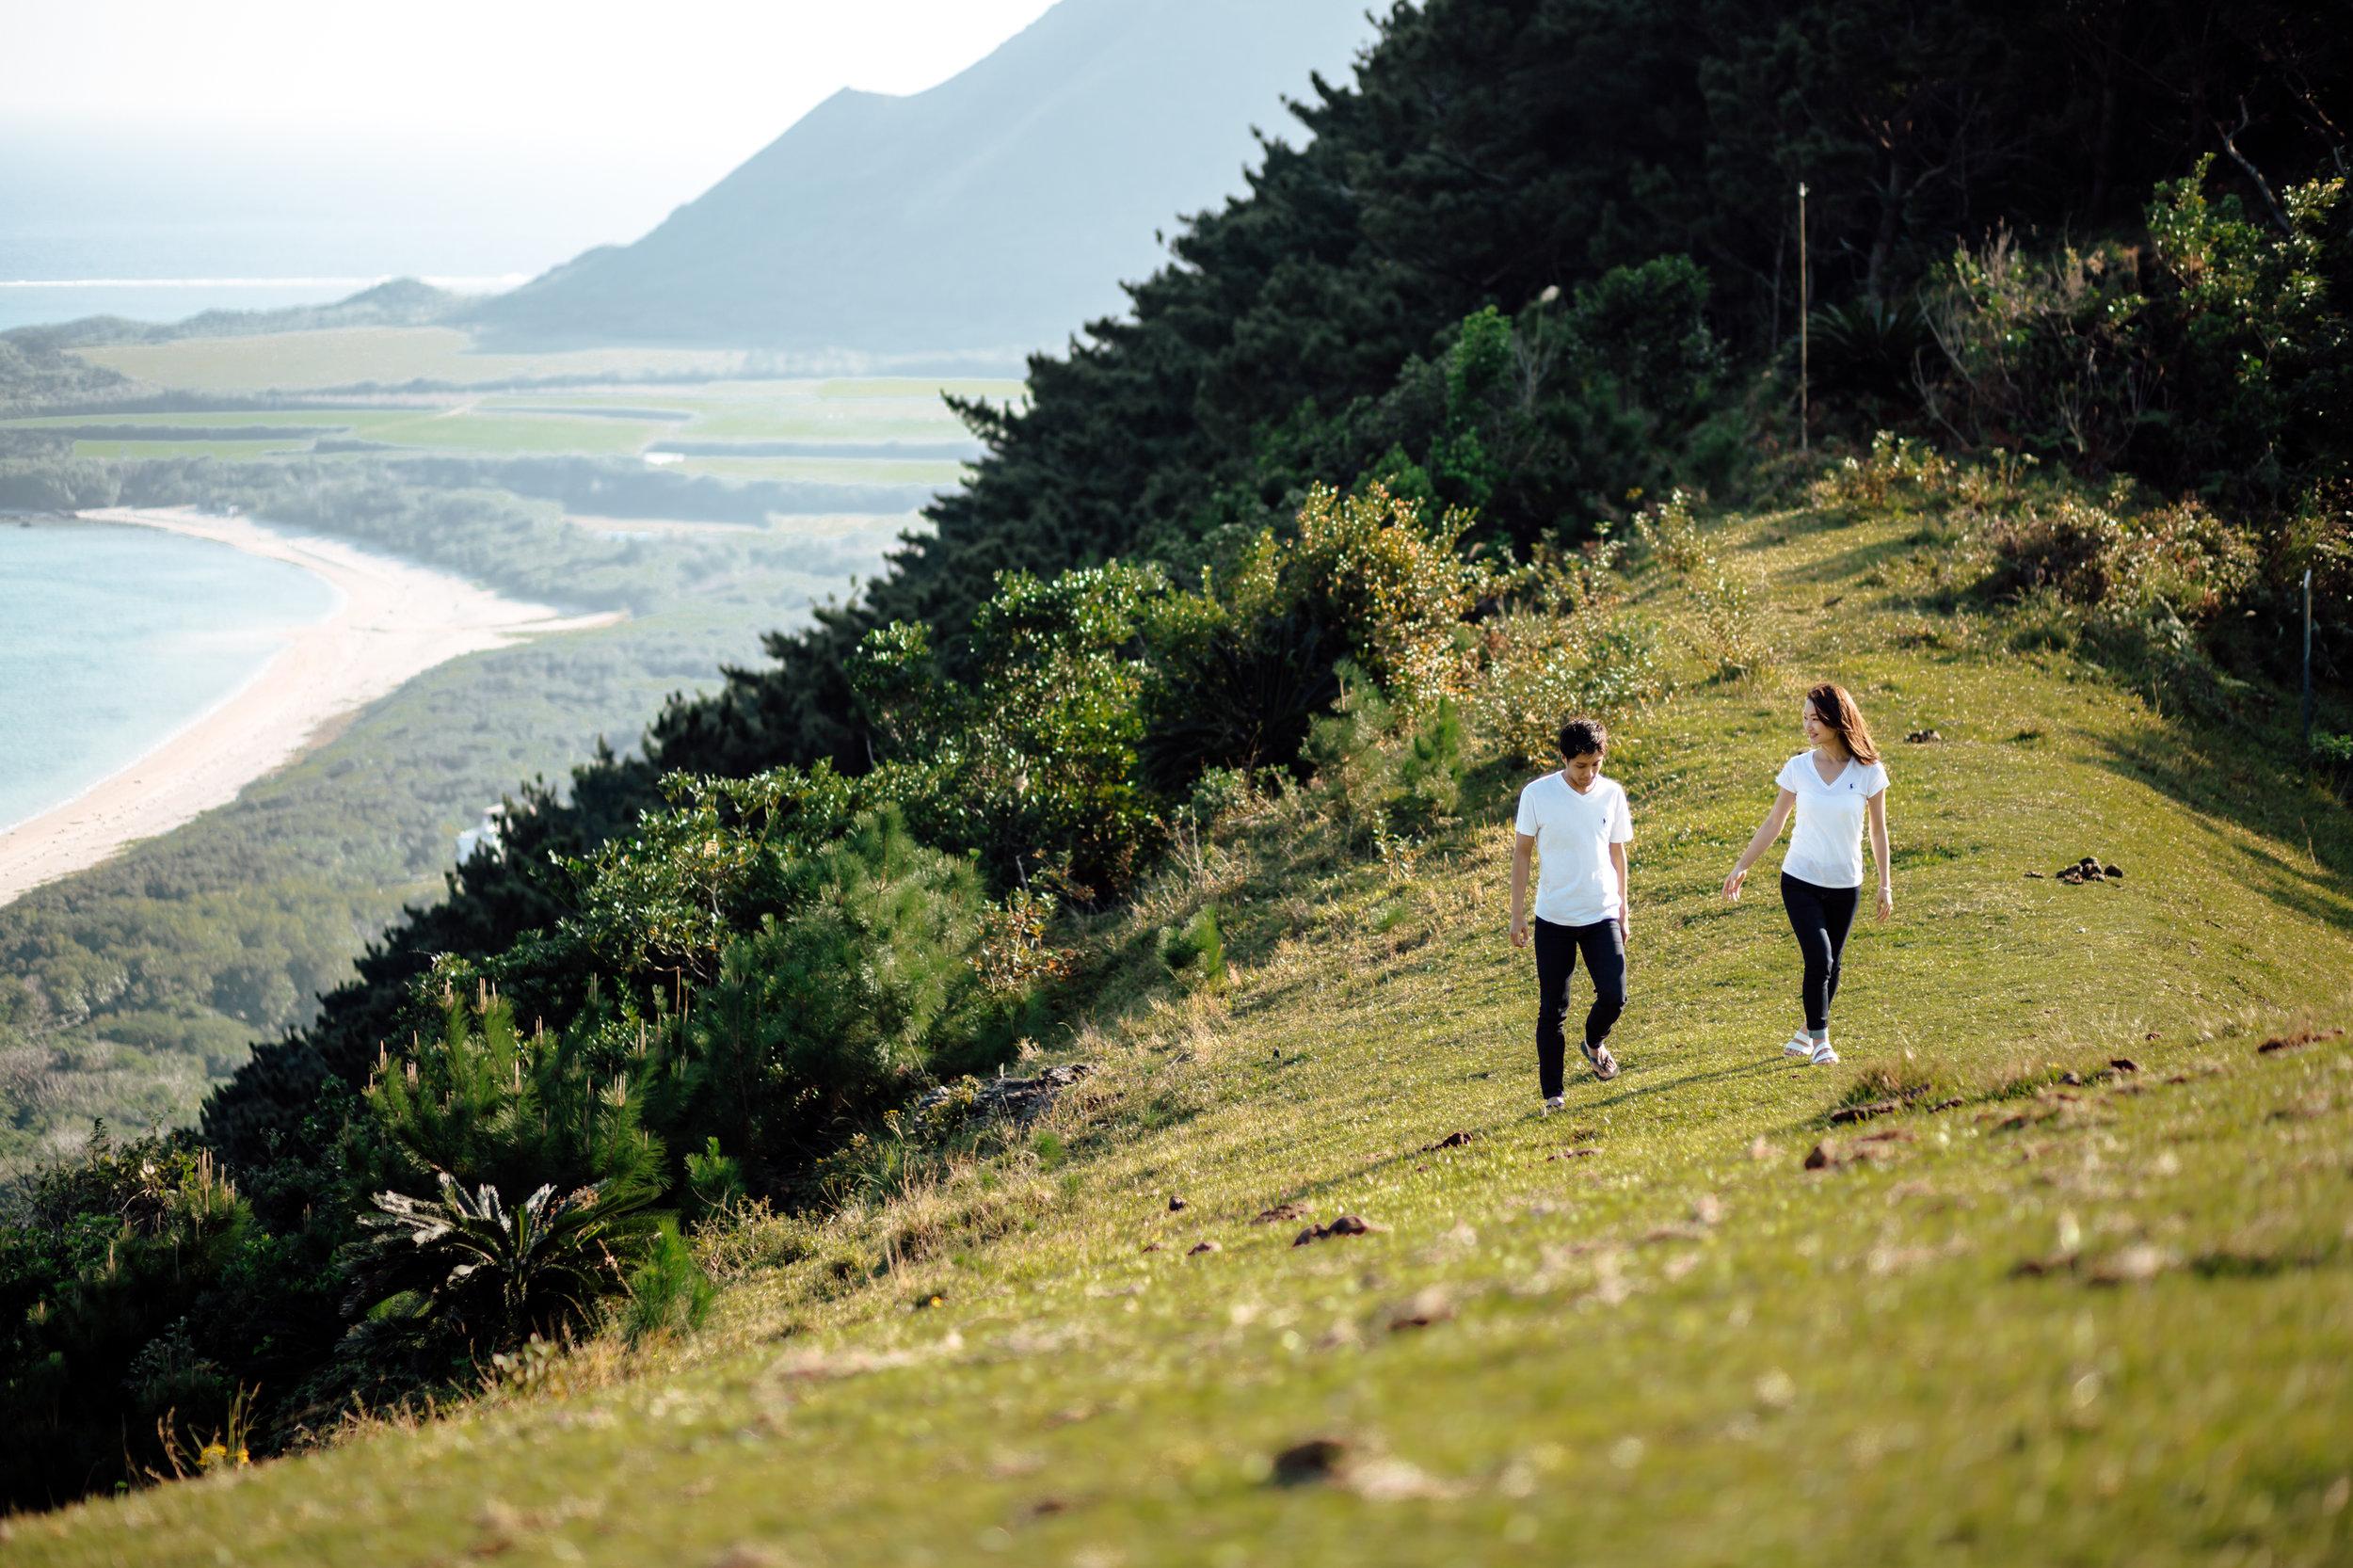 Location - 石垣島に7年住んでいたこともあり石垣島を含む八重山は熟知しています。また 2017年11月より沖縄本島へ移り更に撮影エリアが拡大となり沖縄全域,各離島への出張も可能となりました。また出張撮影の場合 撮影予定日と翌日予備日の2日間での対応を無料で行なっています。(週末は要相談)